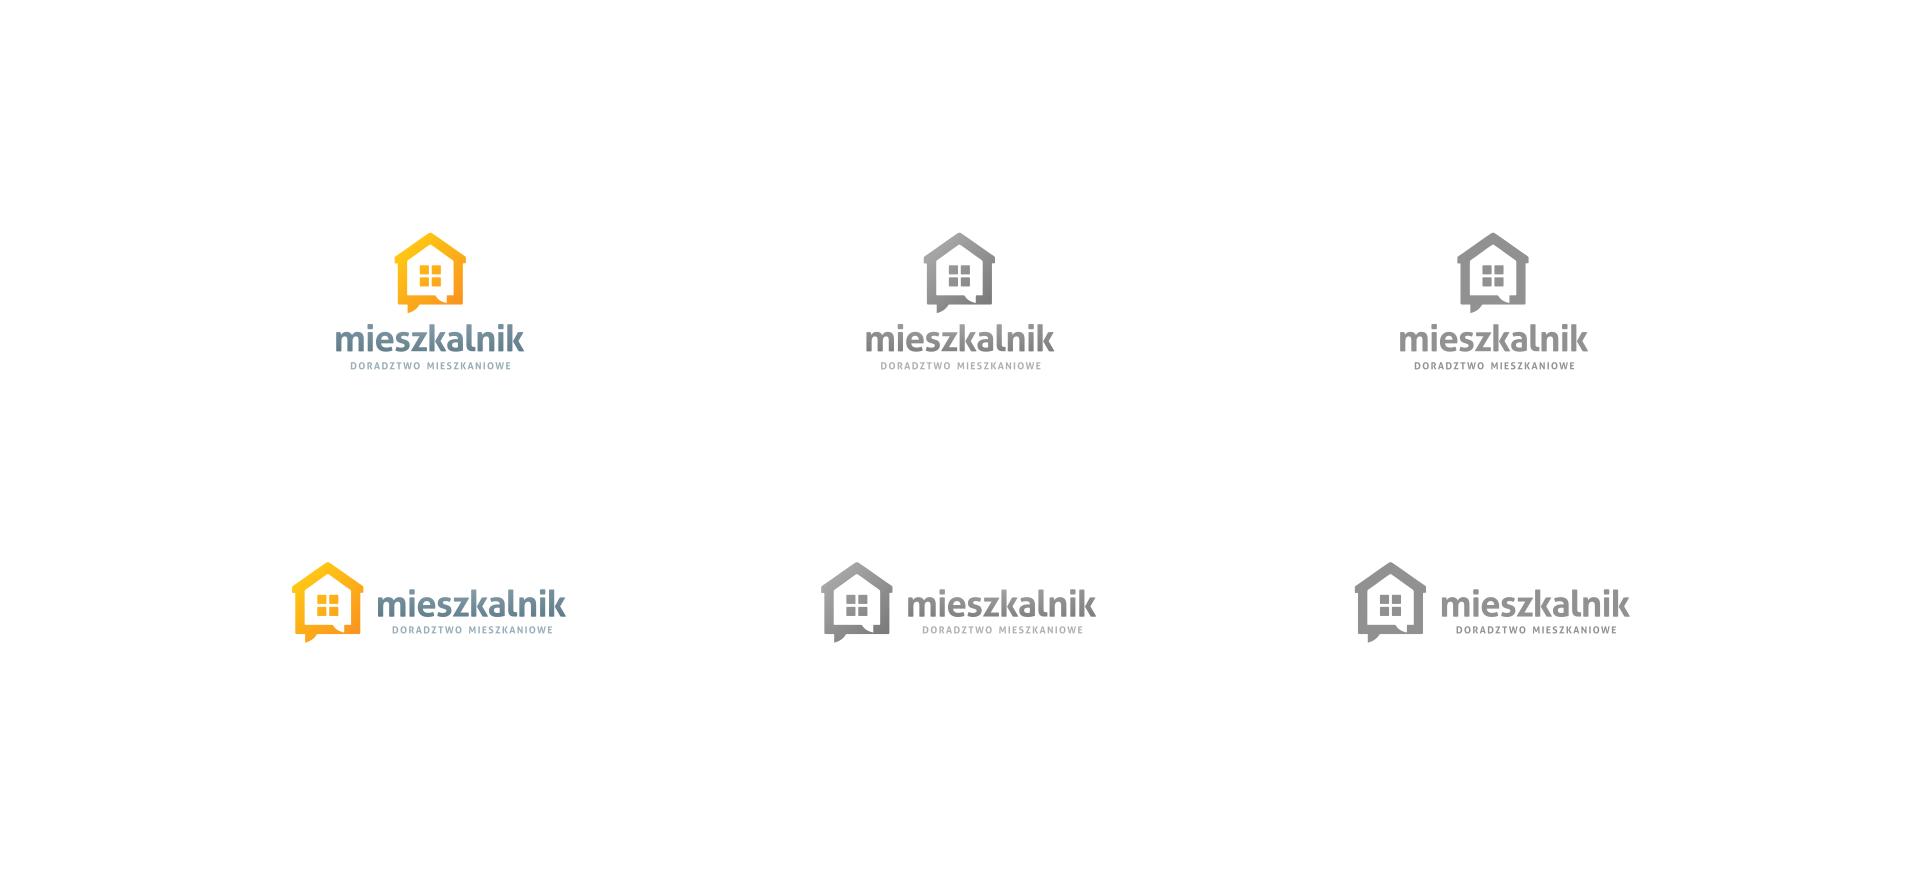 różne wersje logo do wykorzystania